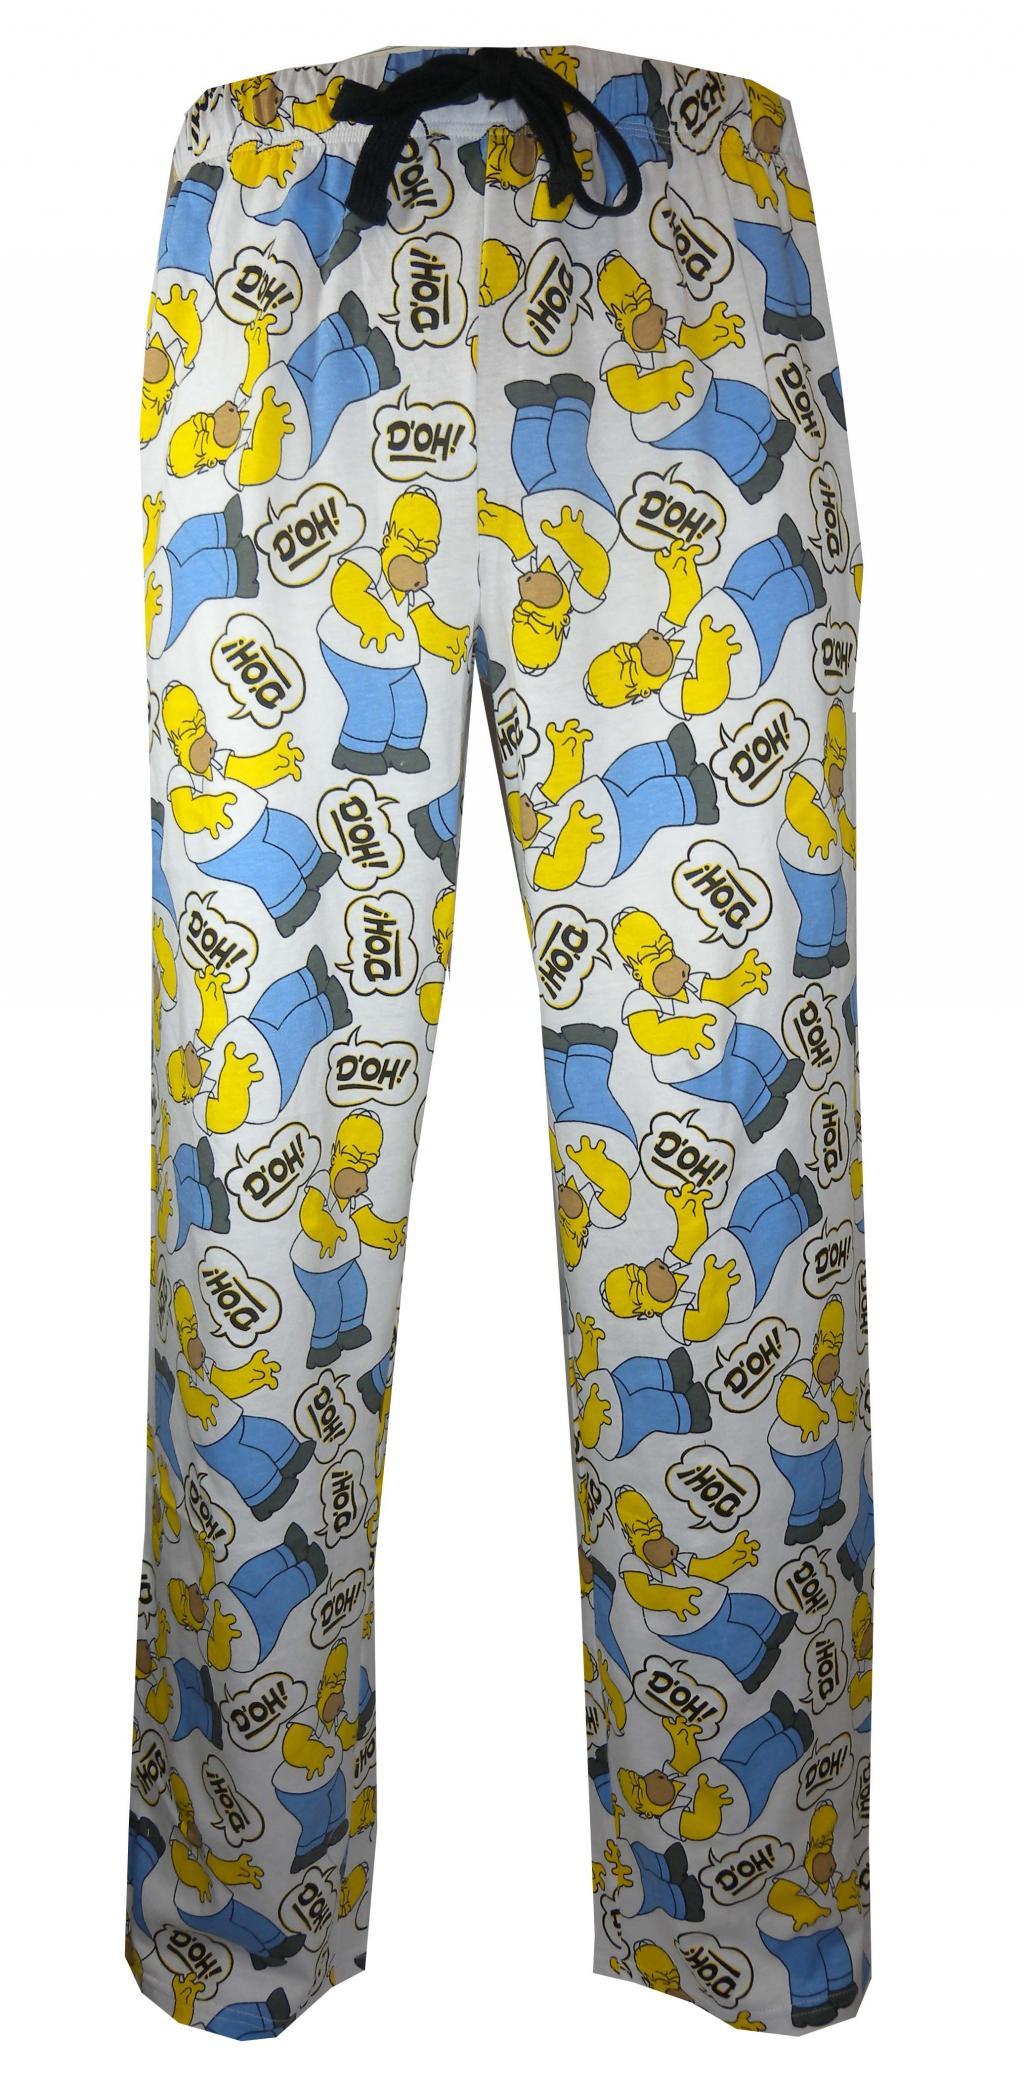 SIMPSONS - Pantalon Pyjama - Doh (S)